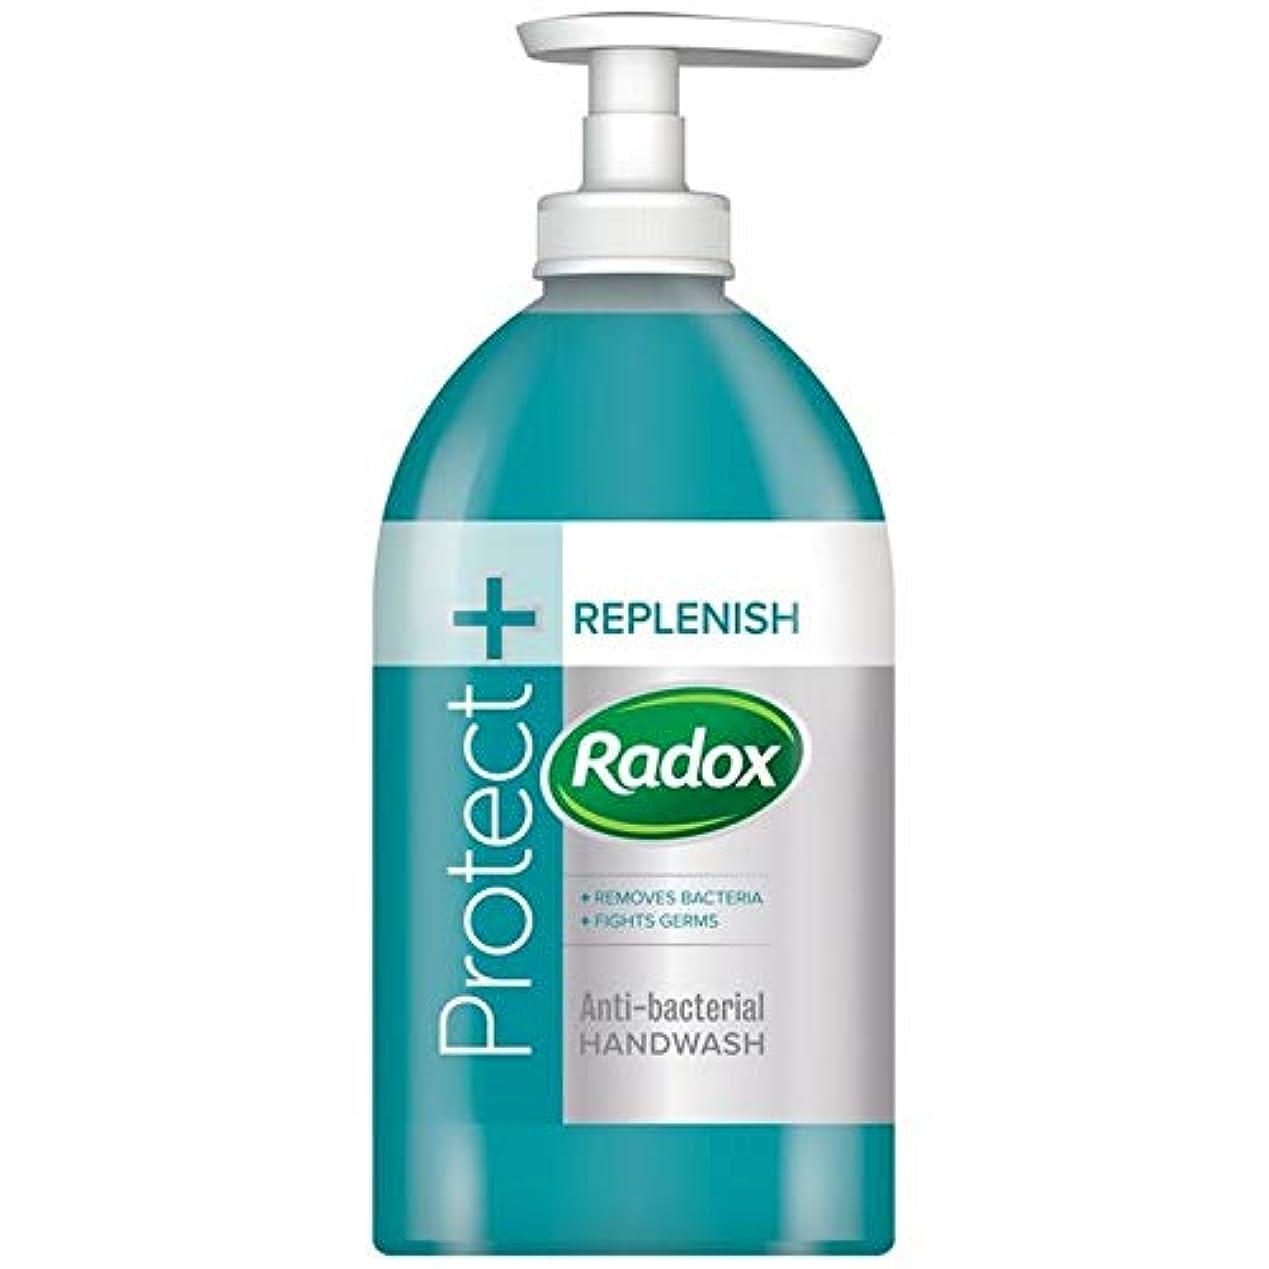 寄付する欠陥欠陥[Radox] Radox抗菌剤および補充手洗いの500ミリリットル - Radox Antibacterial and Replenishing Handwash 500ml [並行輸入品]